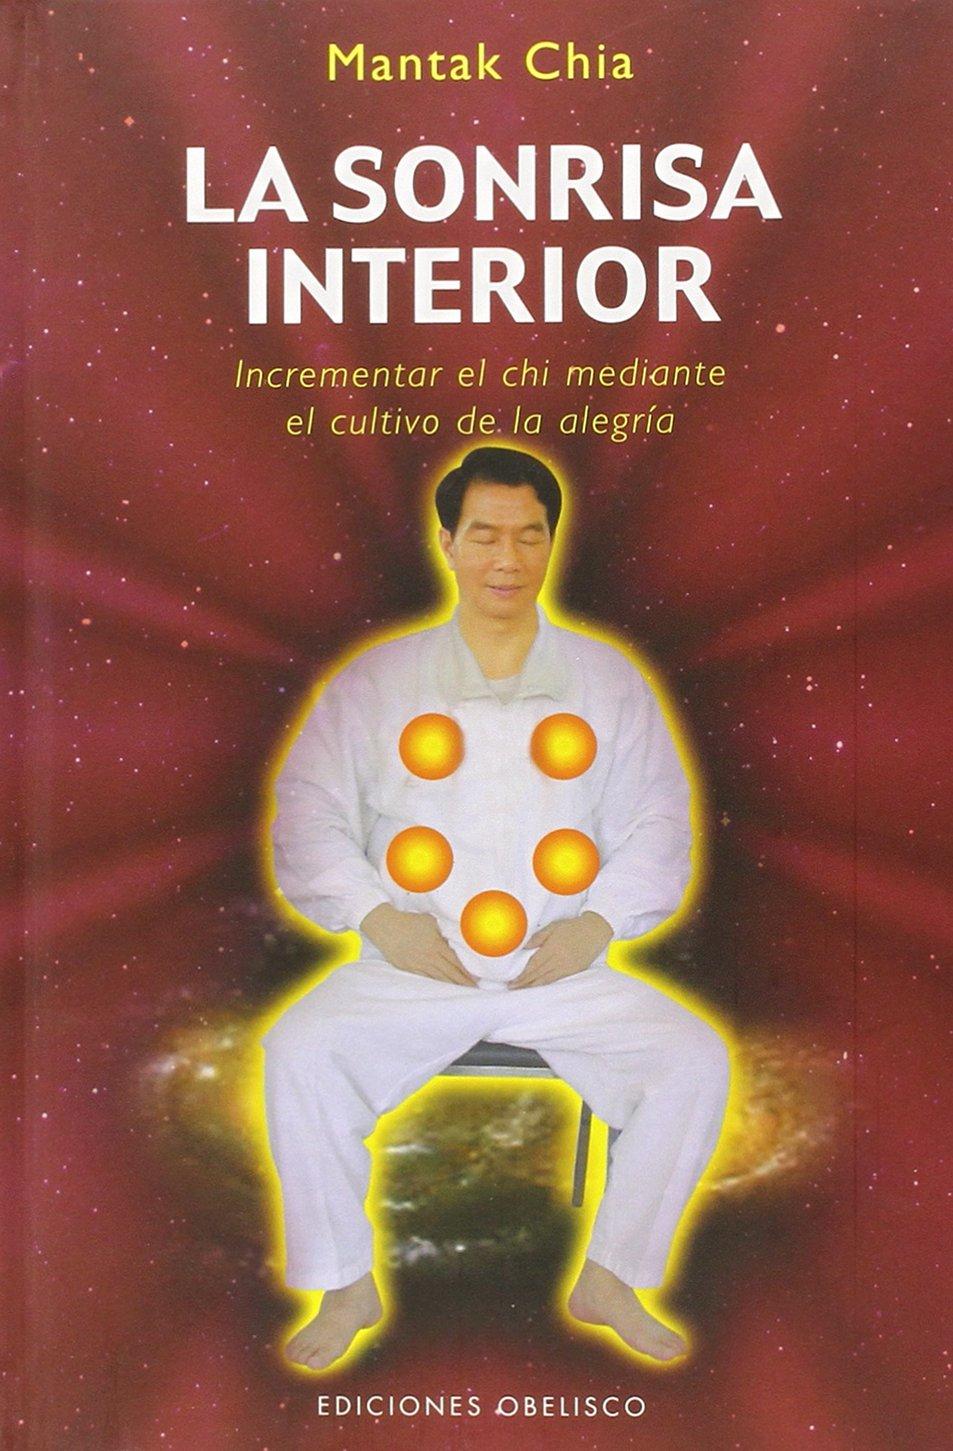 La sonrisa interior: Incrementar el chi mediante el cultivo de la alegría (Obelisco- Artes marciales) Tapa dura – 15 abr 2009 MANTAK CHIA David N.M. George EDICIONES OBELISCO S.L. 8497775244